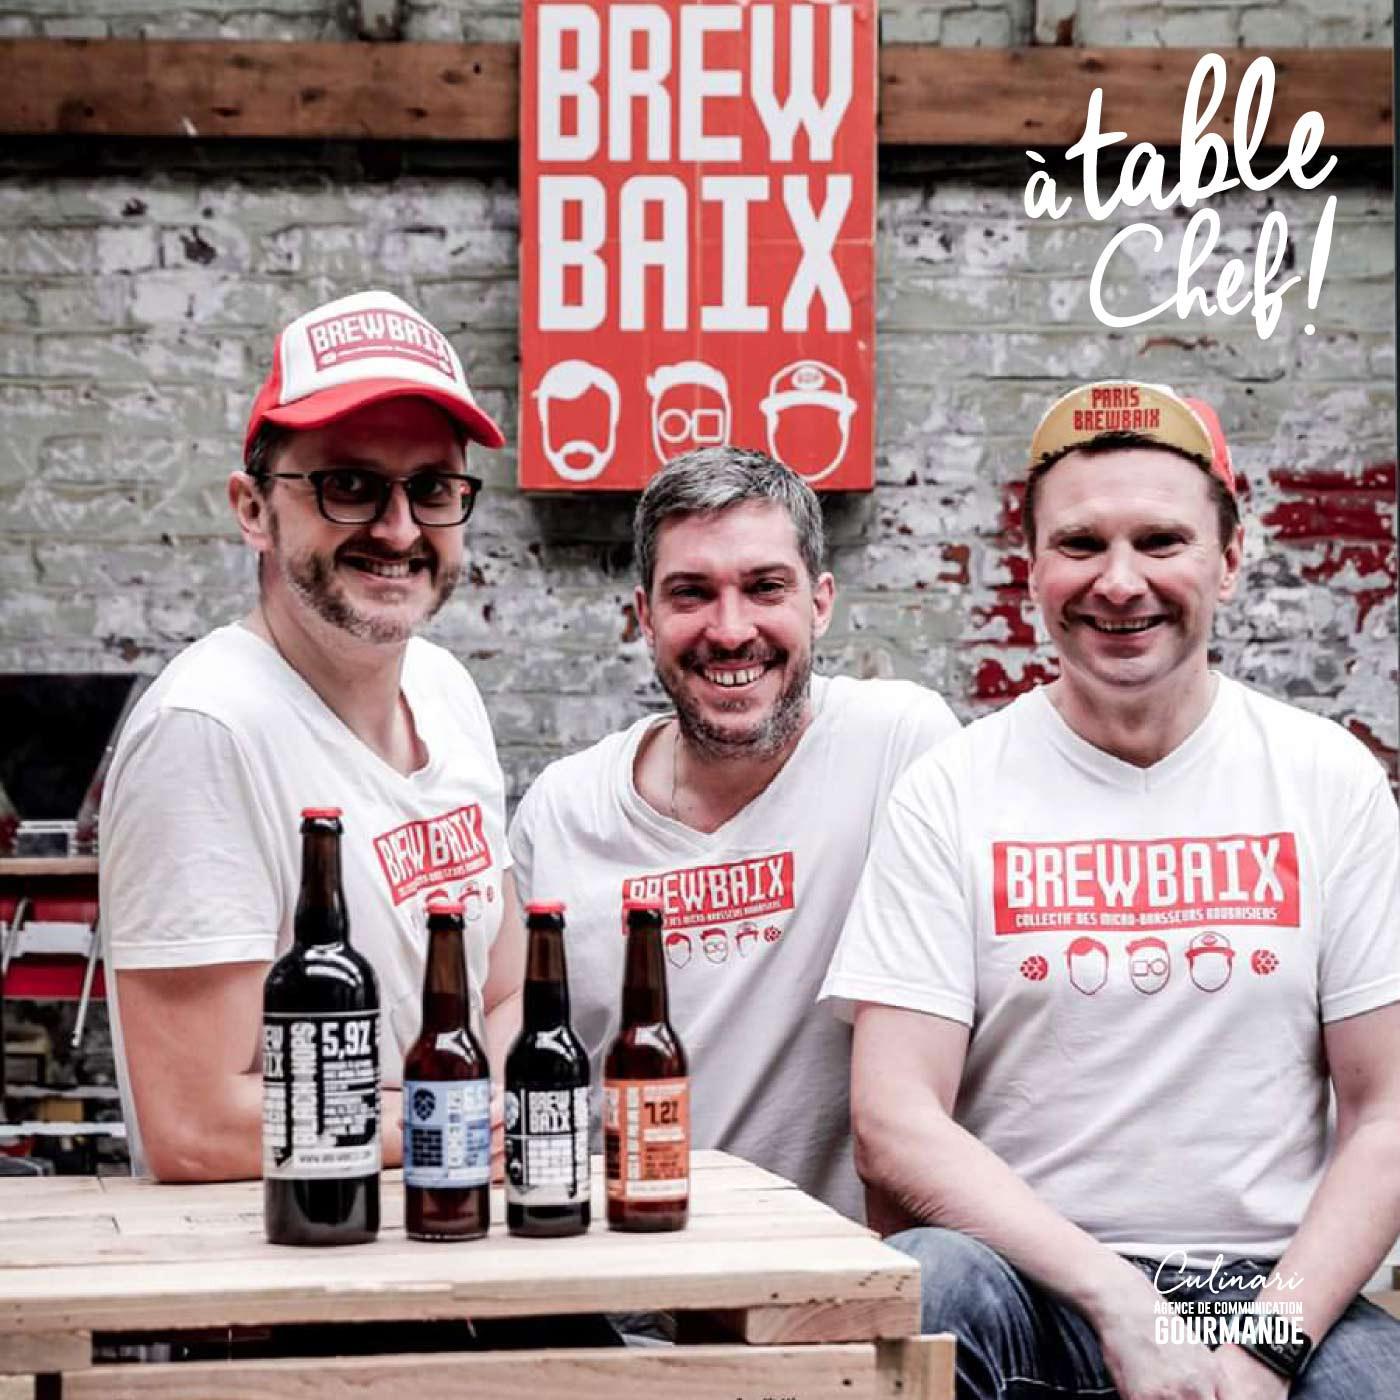 Le Brewbaix